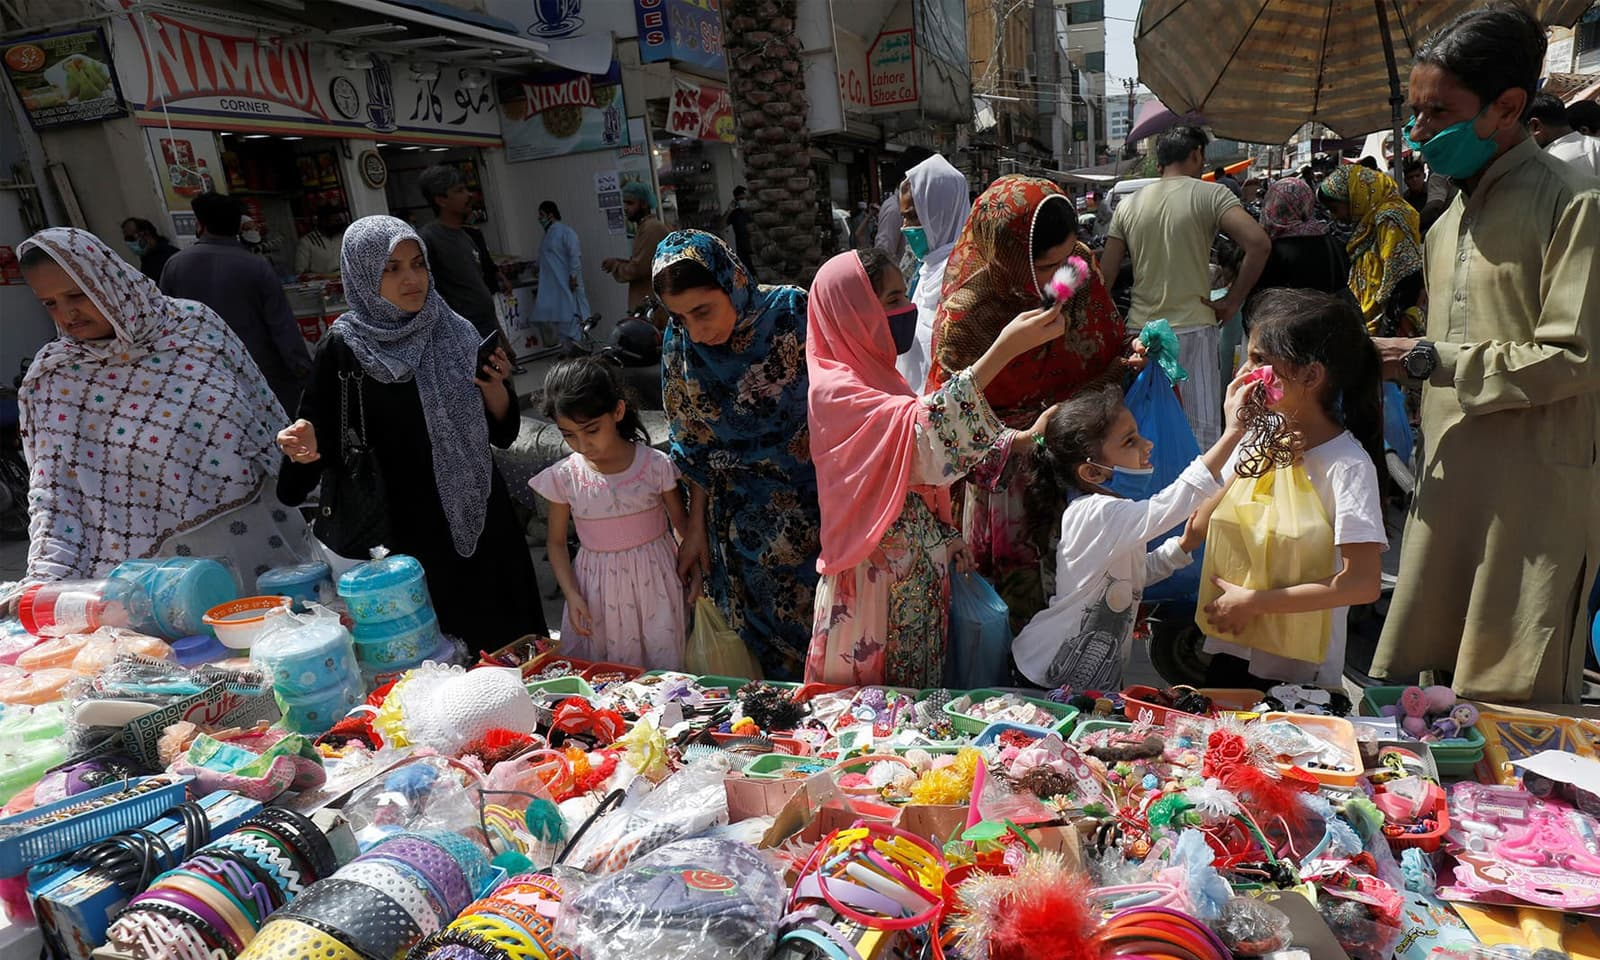 وائرس کے خطرے کے باوجود والدین نے بچوں کے ہمراہ بازاروں کا رخ کیا — فوٹو: رائٹرز